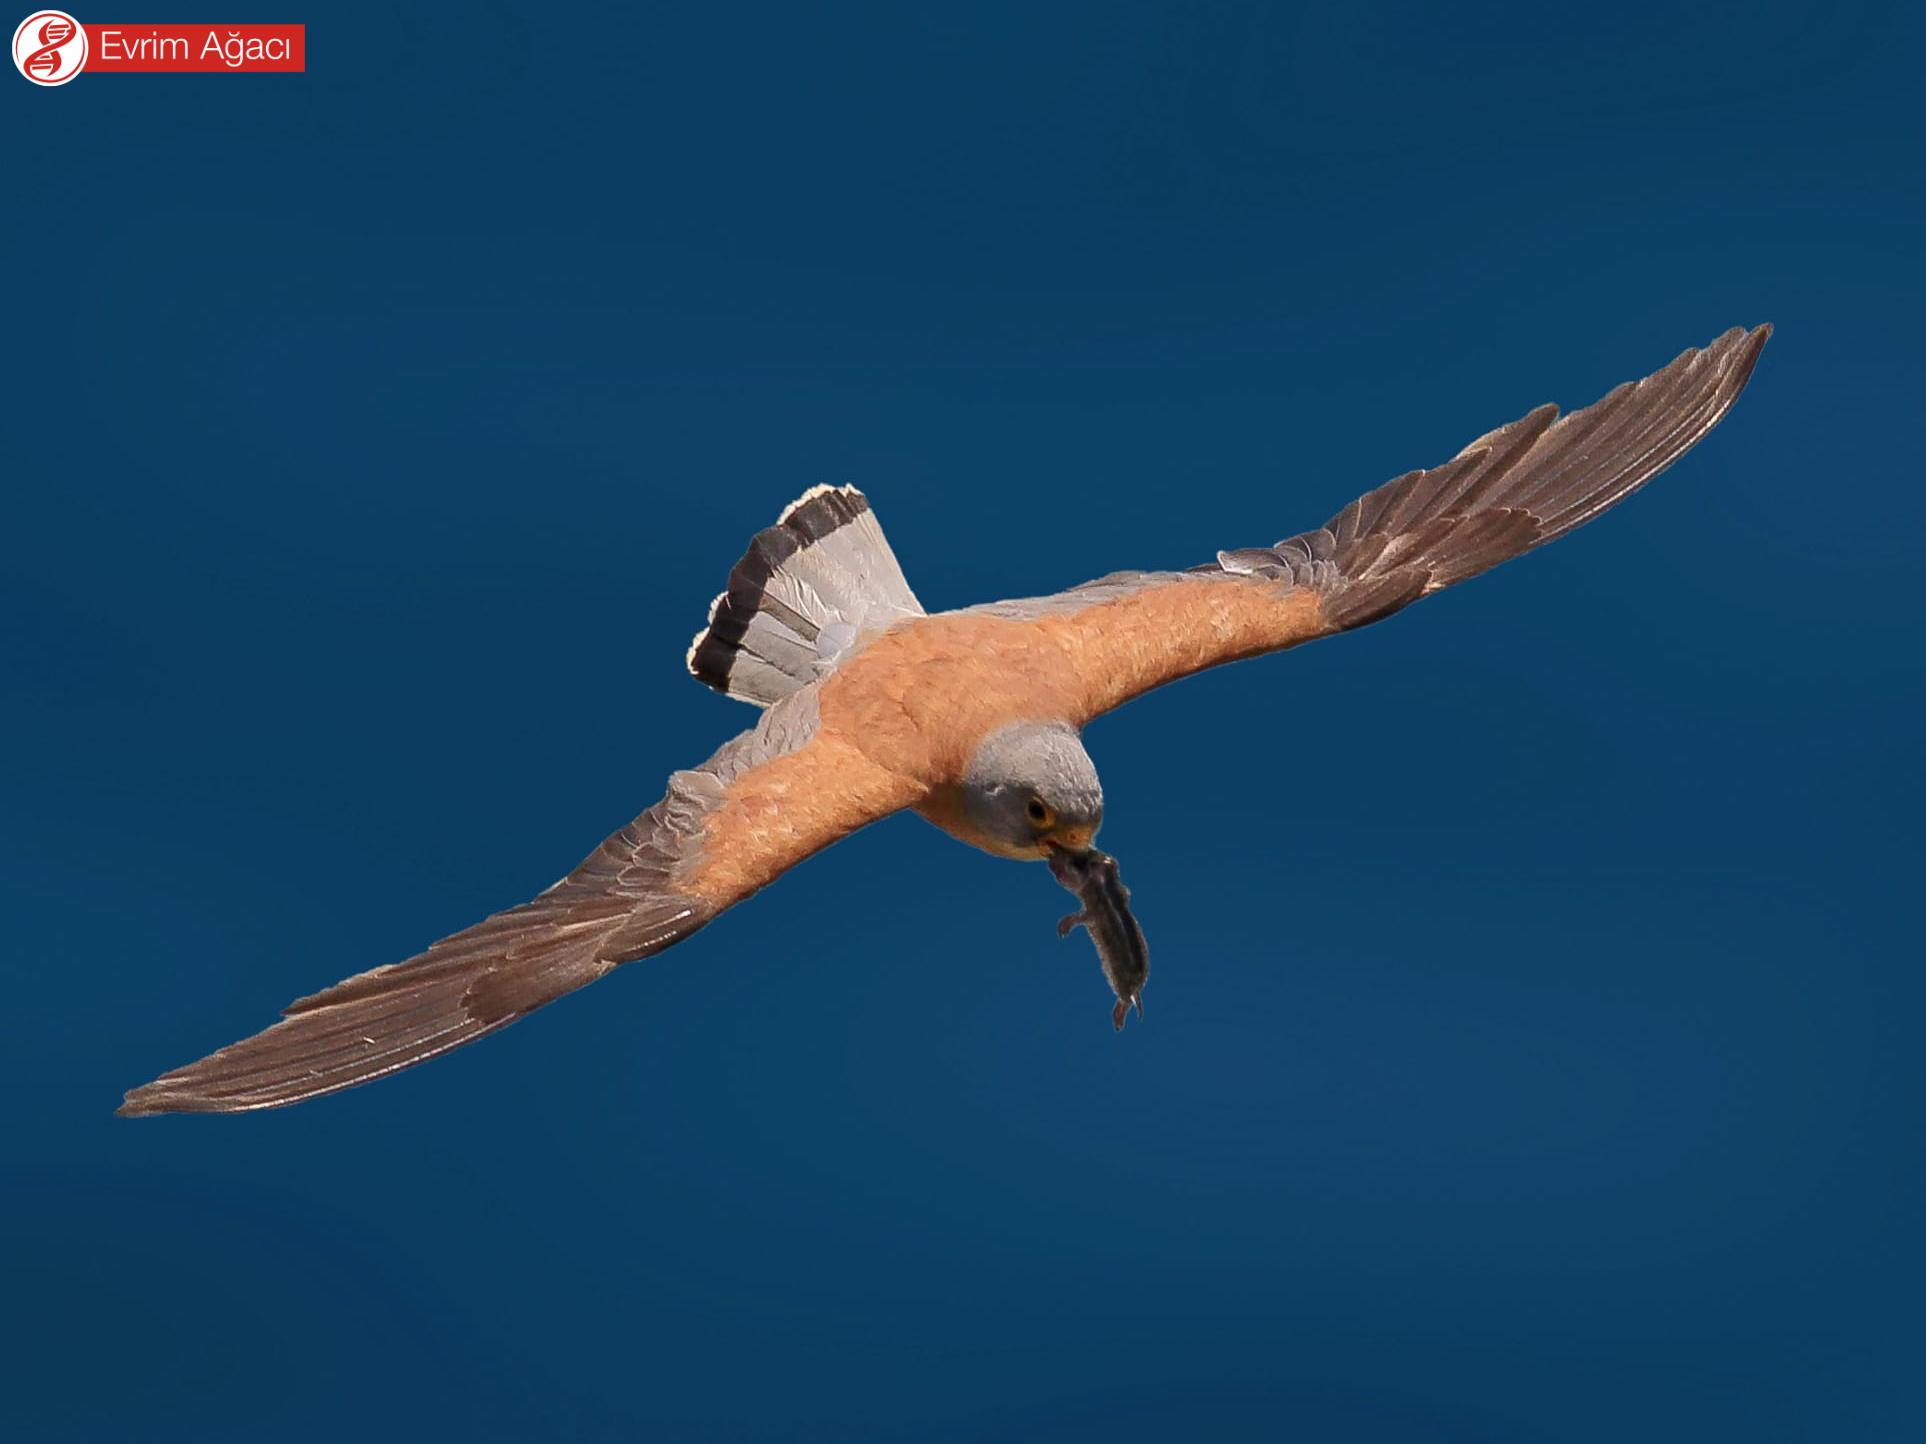 Sırtındaki ve kanatlarındaki siyah noktaların bulunmadığı küçük kerkenez (Falco naumanni) türü ile karıştırılmamalıdır.